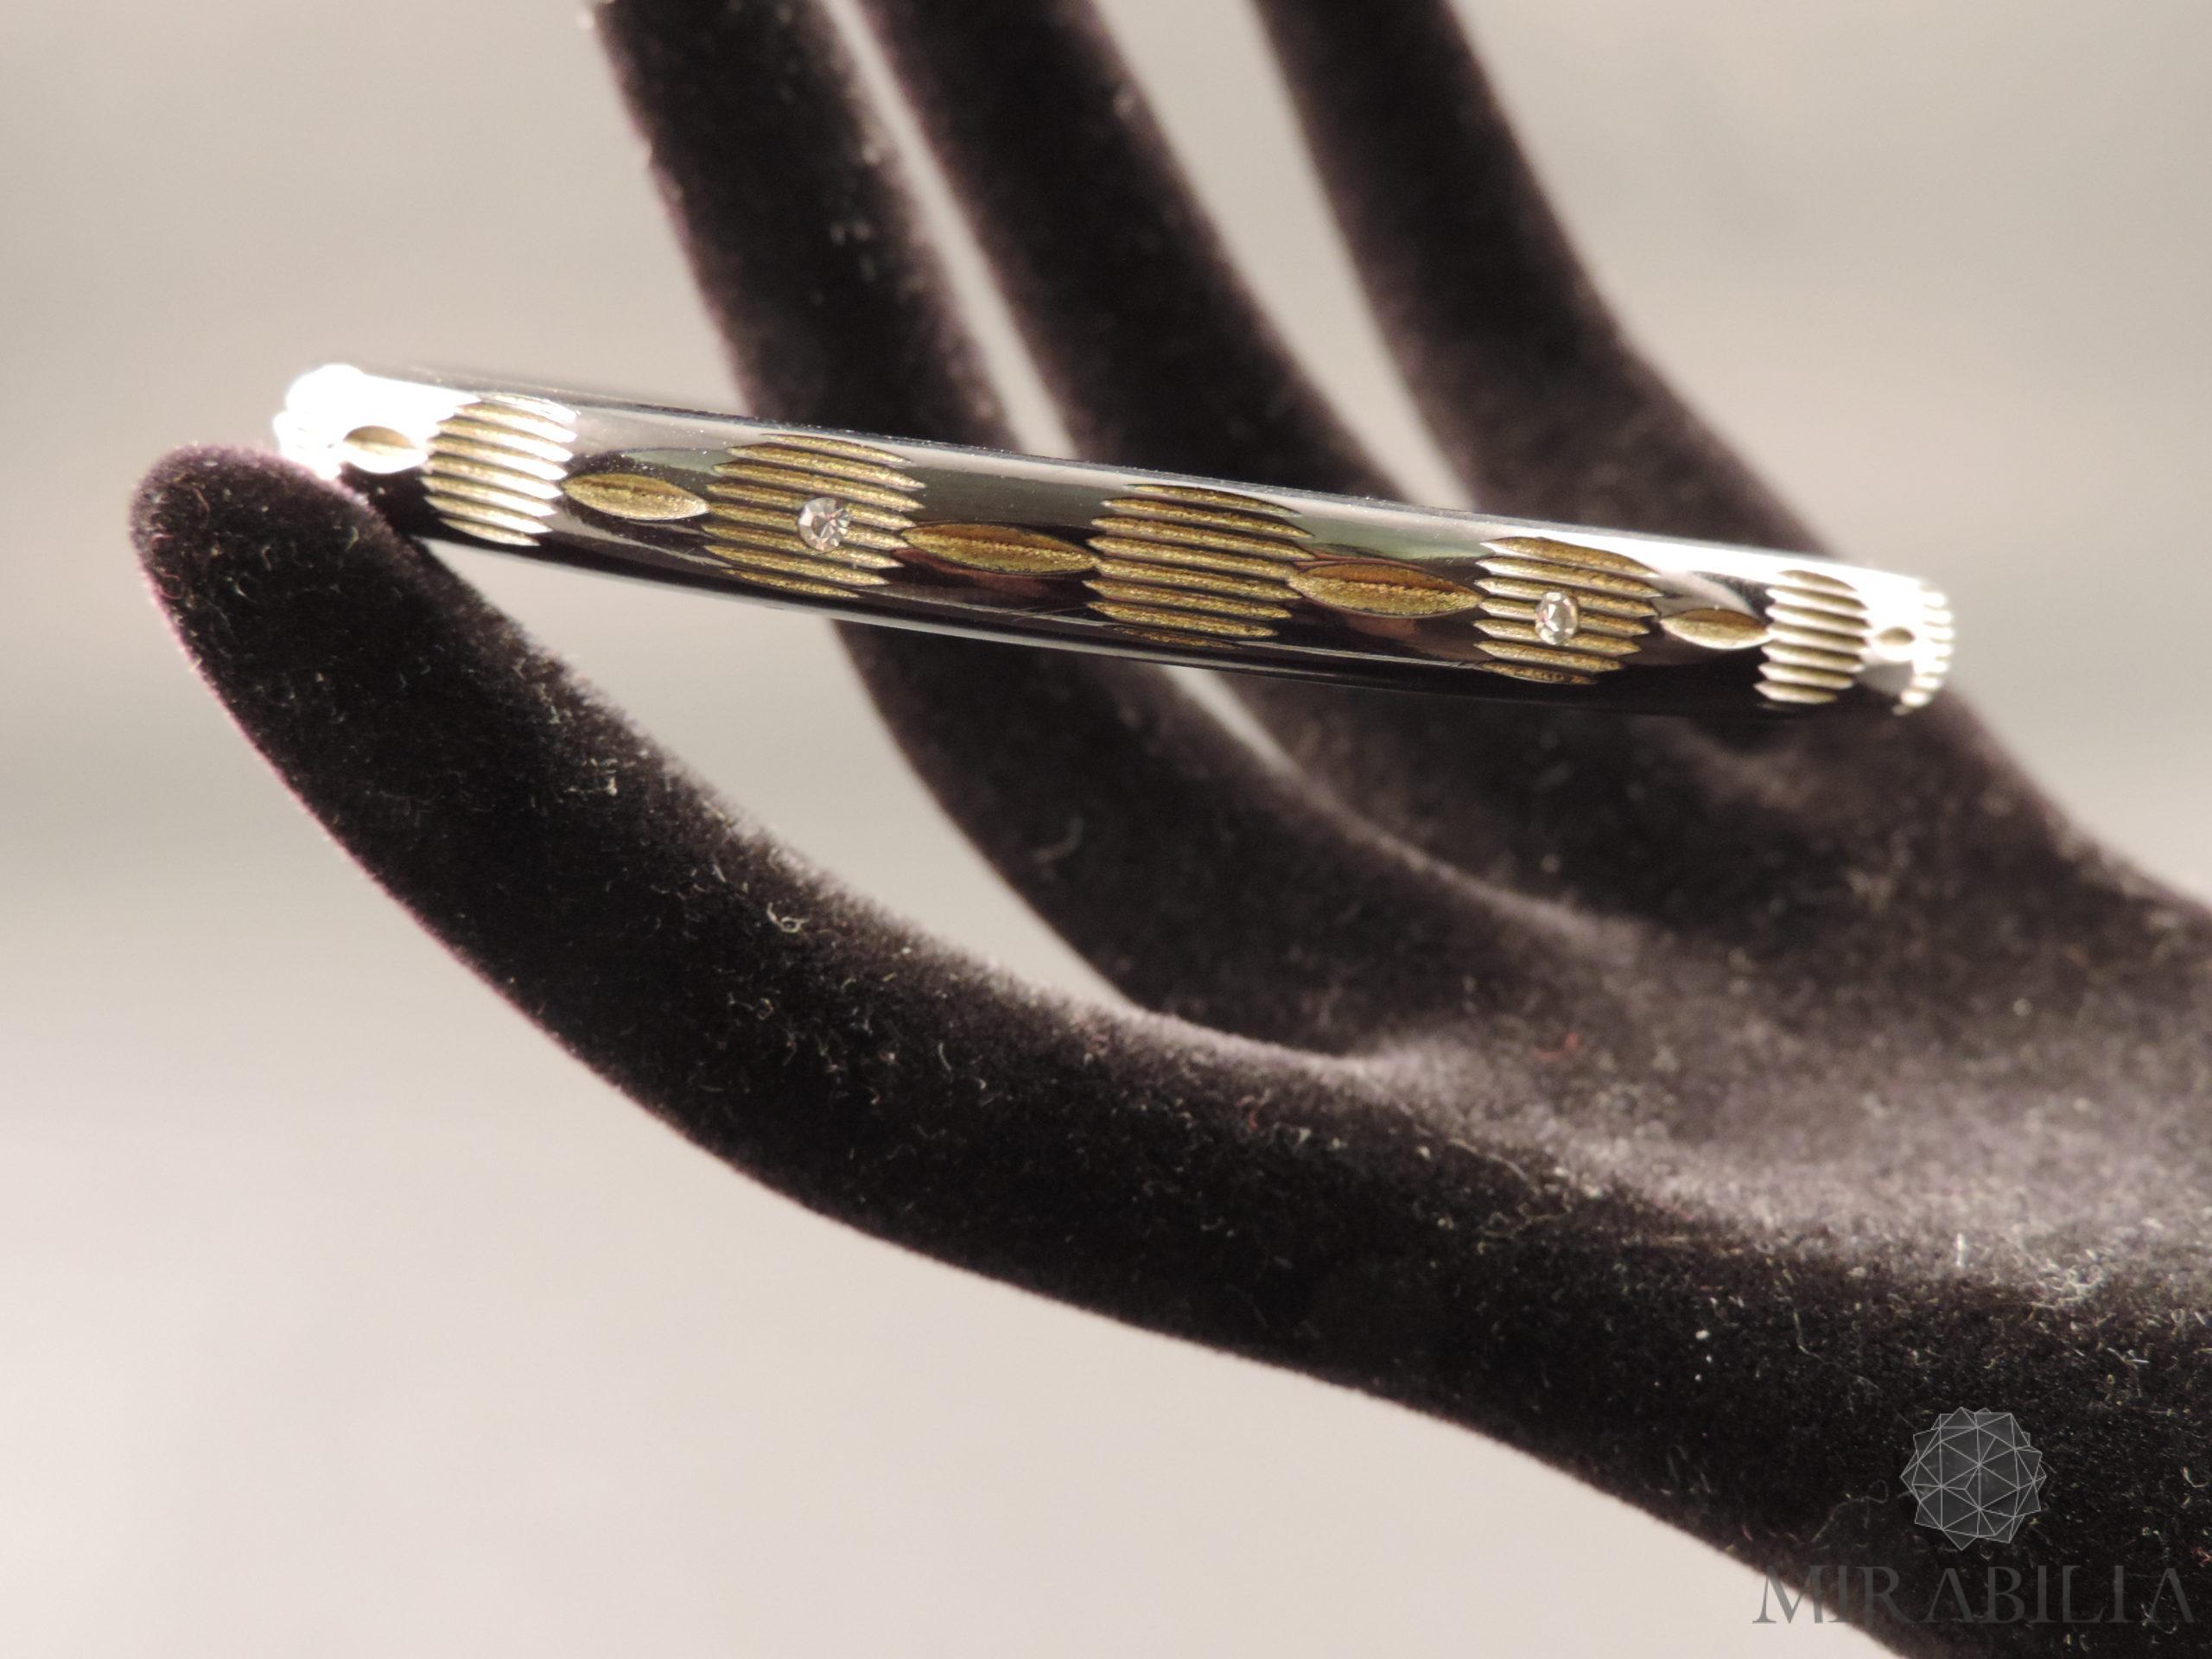 Braccialetti Art Déco in bachelite intagliata, con zirconi e dorature (dettaglio colore nero)